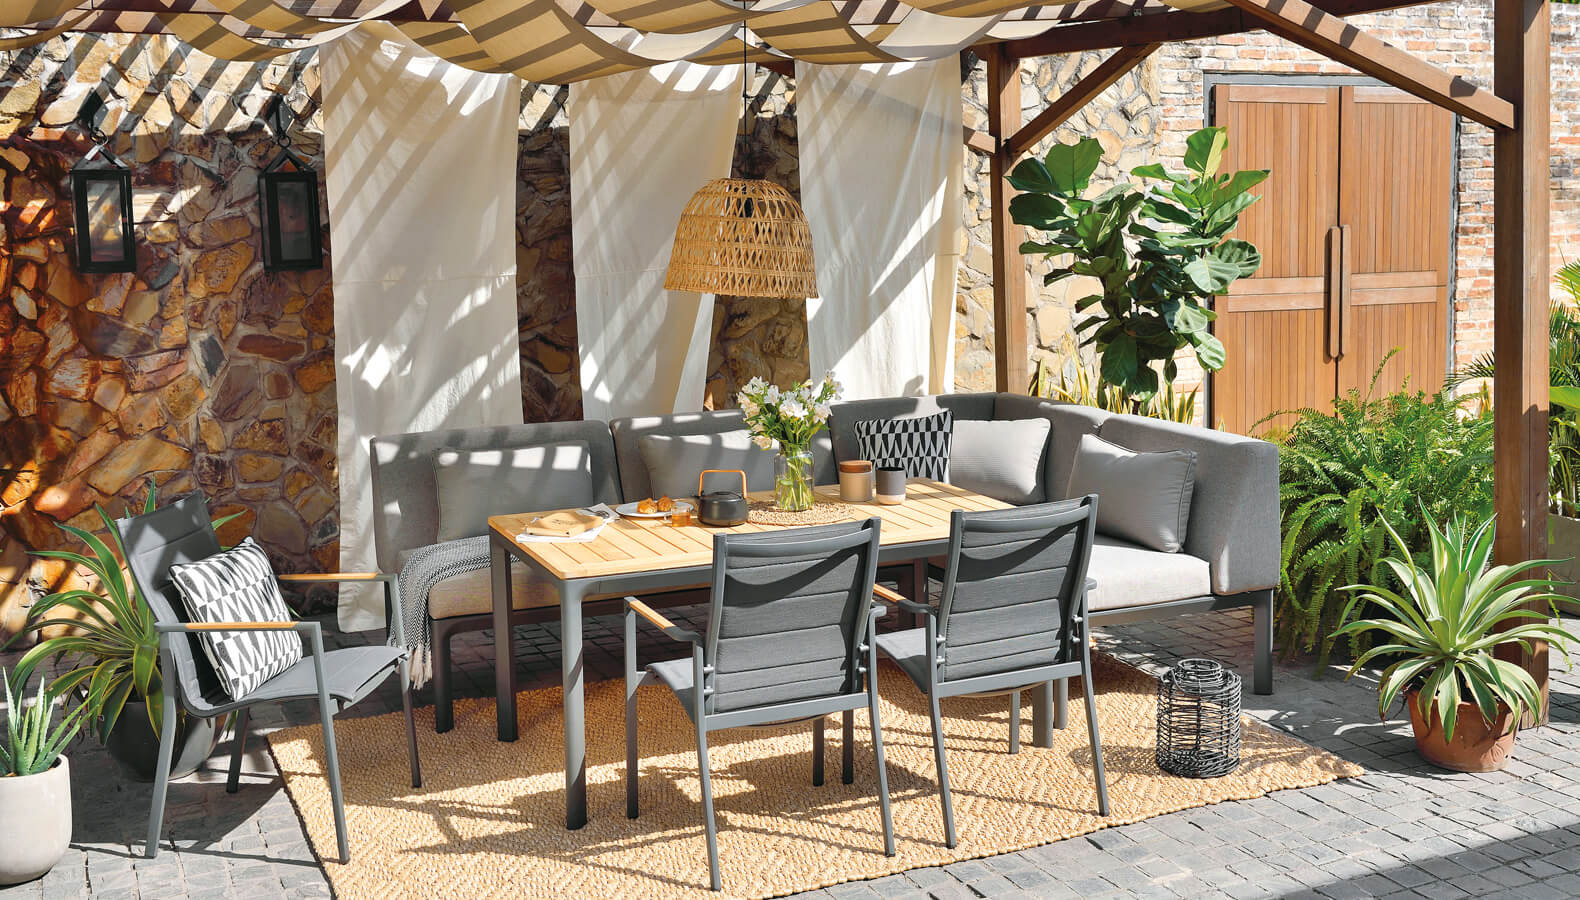 Gartenmobel Und Gartenzubehor Direkt Online Kaufen Kika At